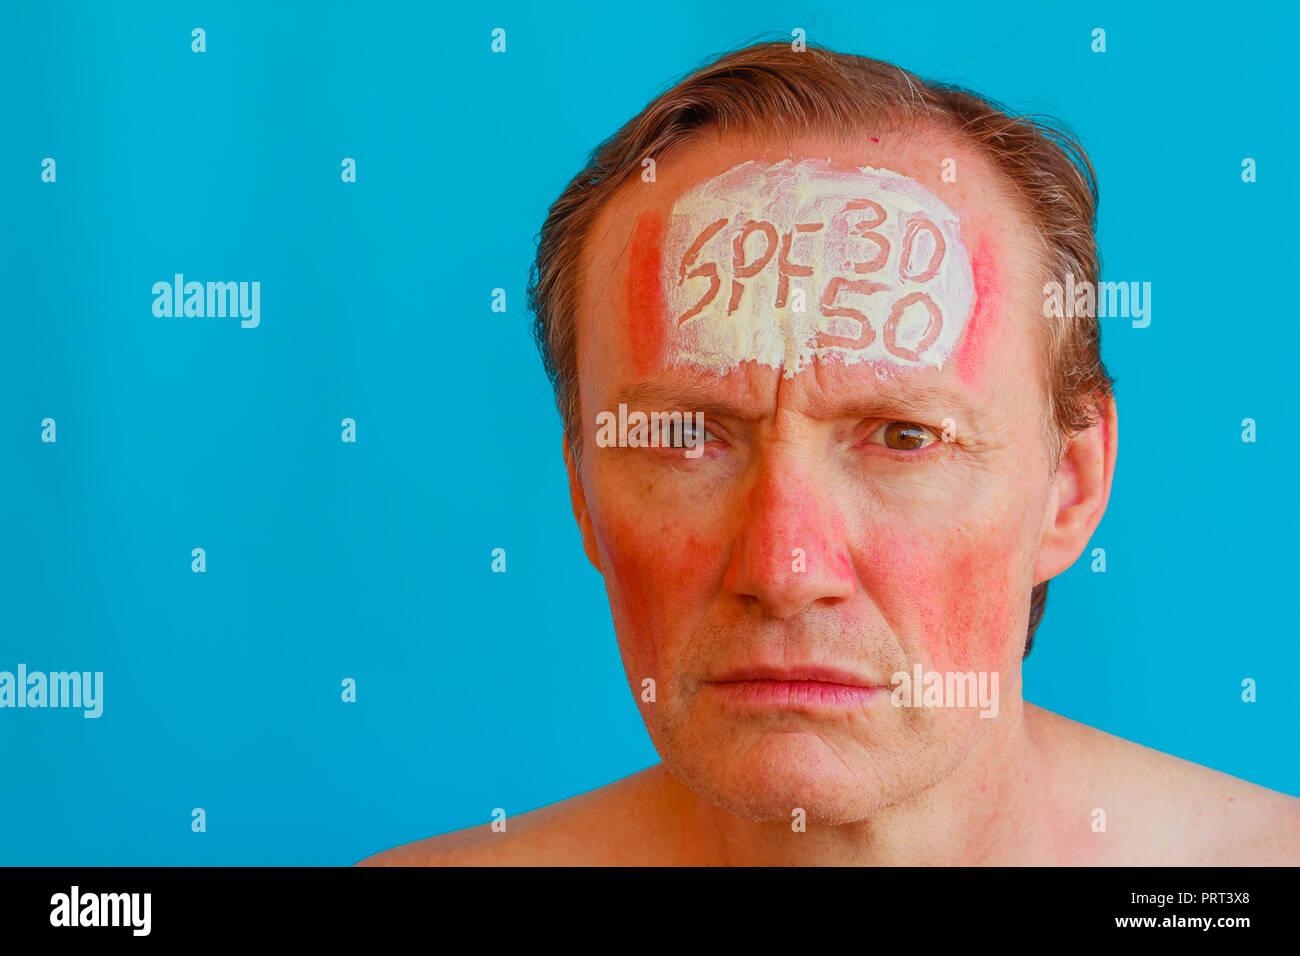 Ein Mann hat das solar Erythem, weil er nicht 30 oder 50 hoher Sonnenschutz, bevor Sie sich der Sonne auszusetzen. Stockbild